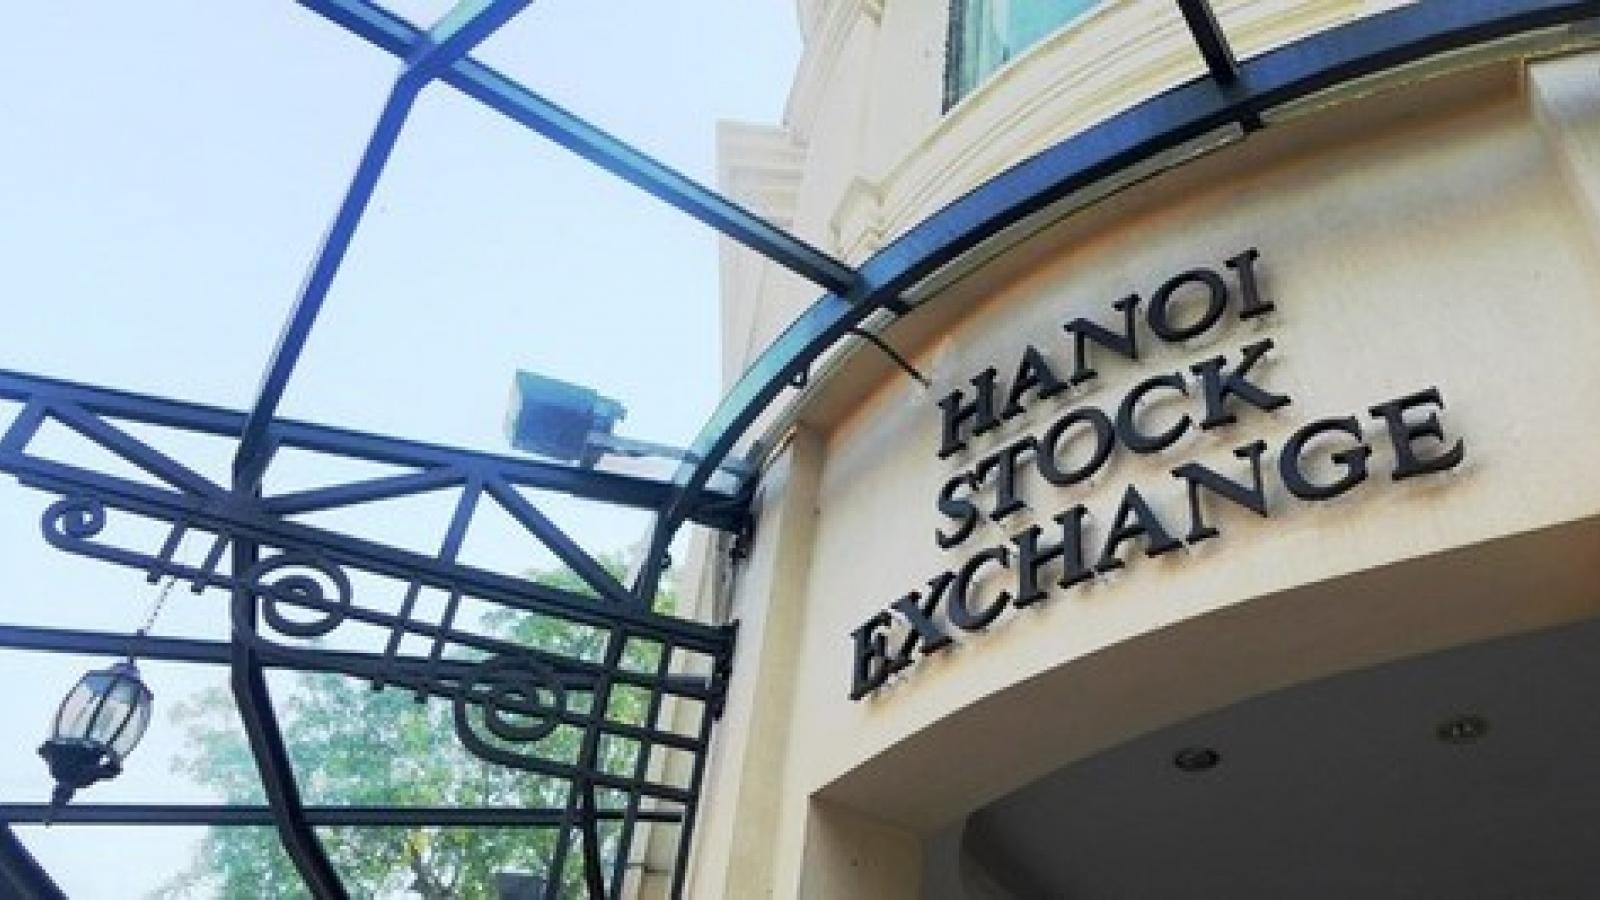 Hanoi Stock Exchange improves operation